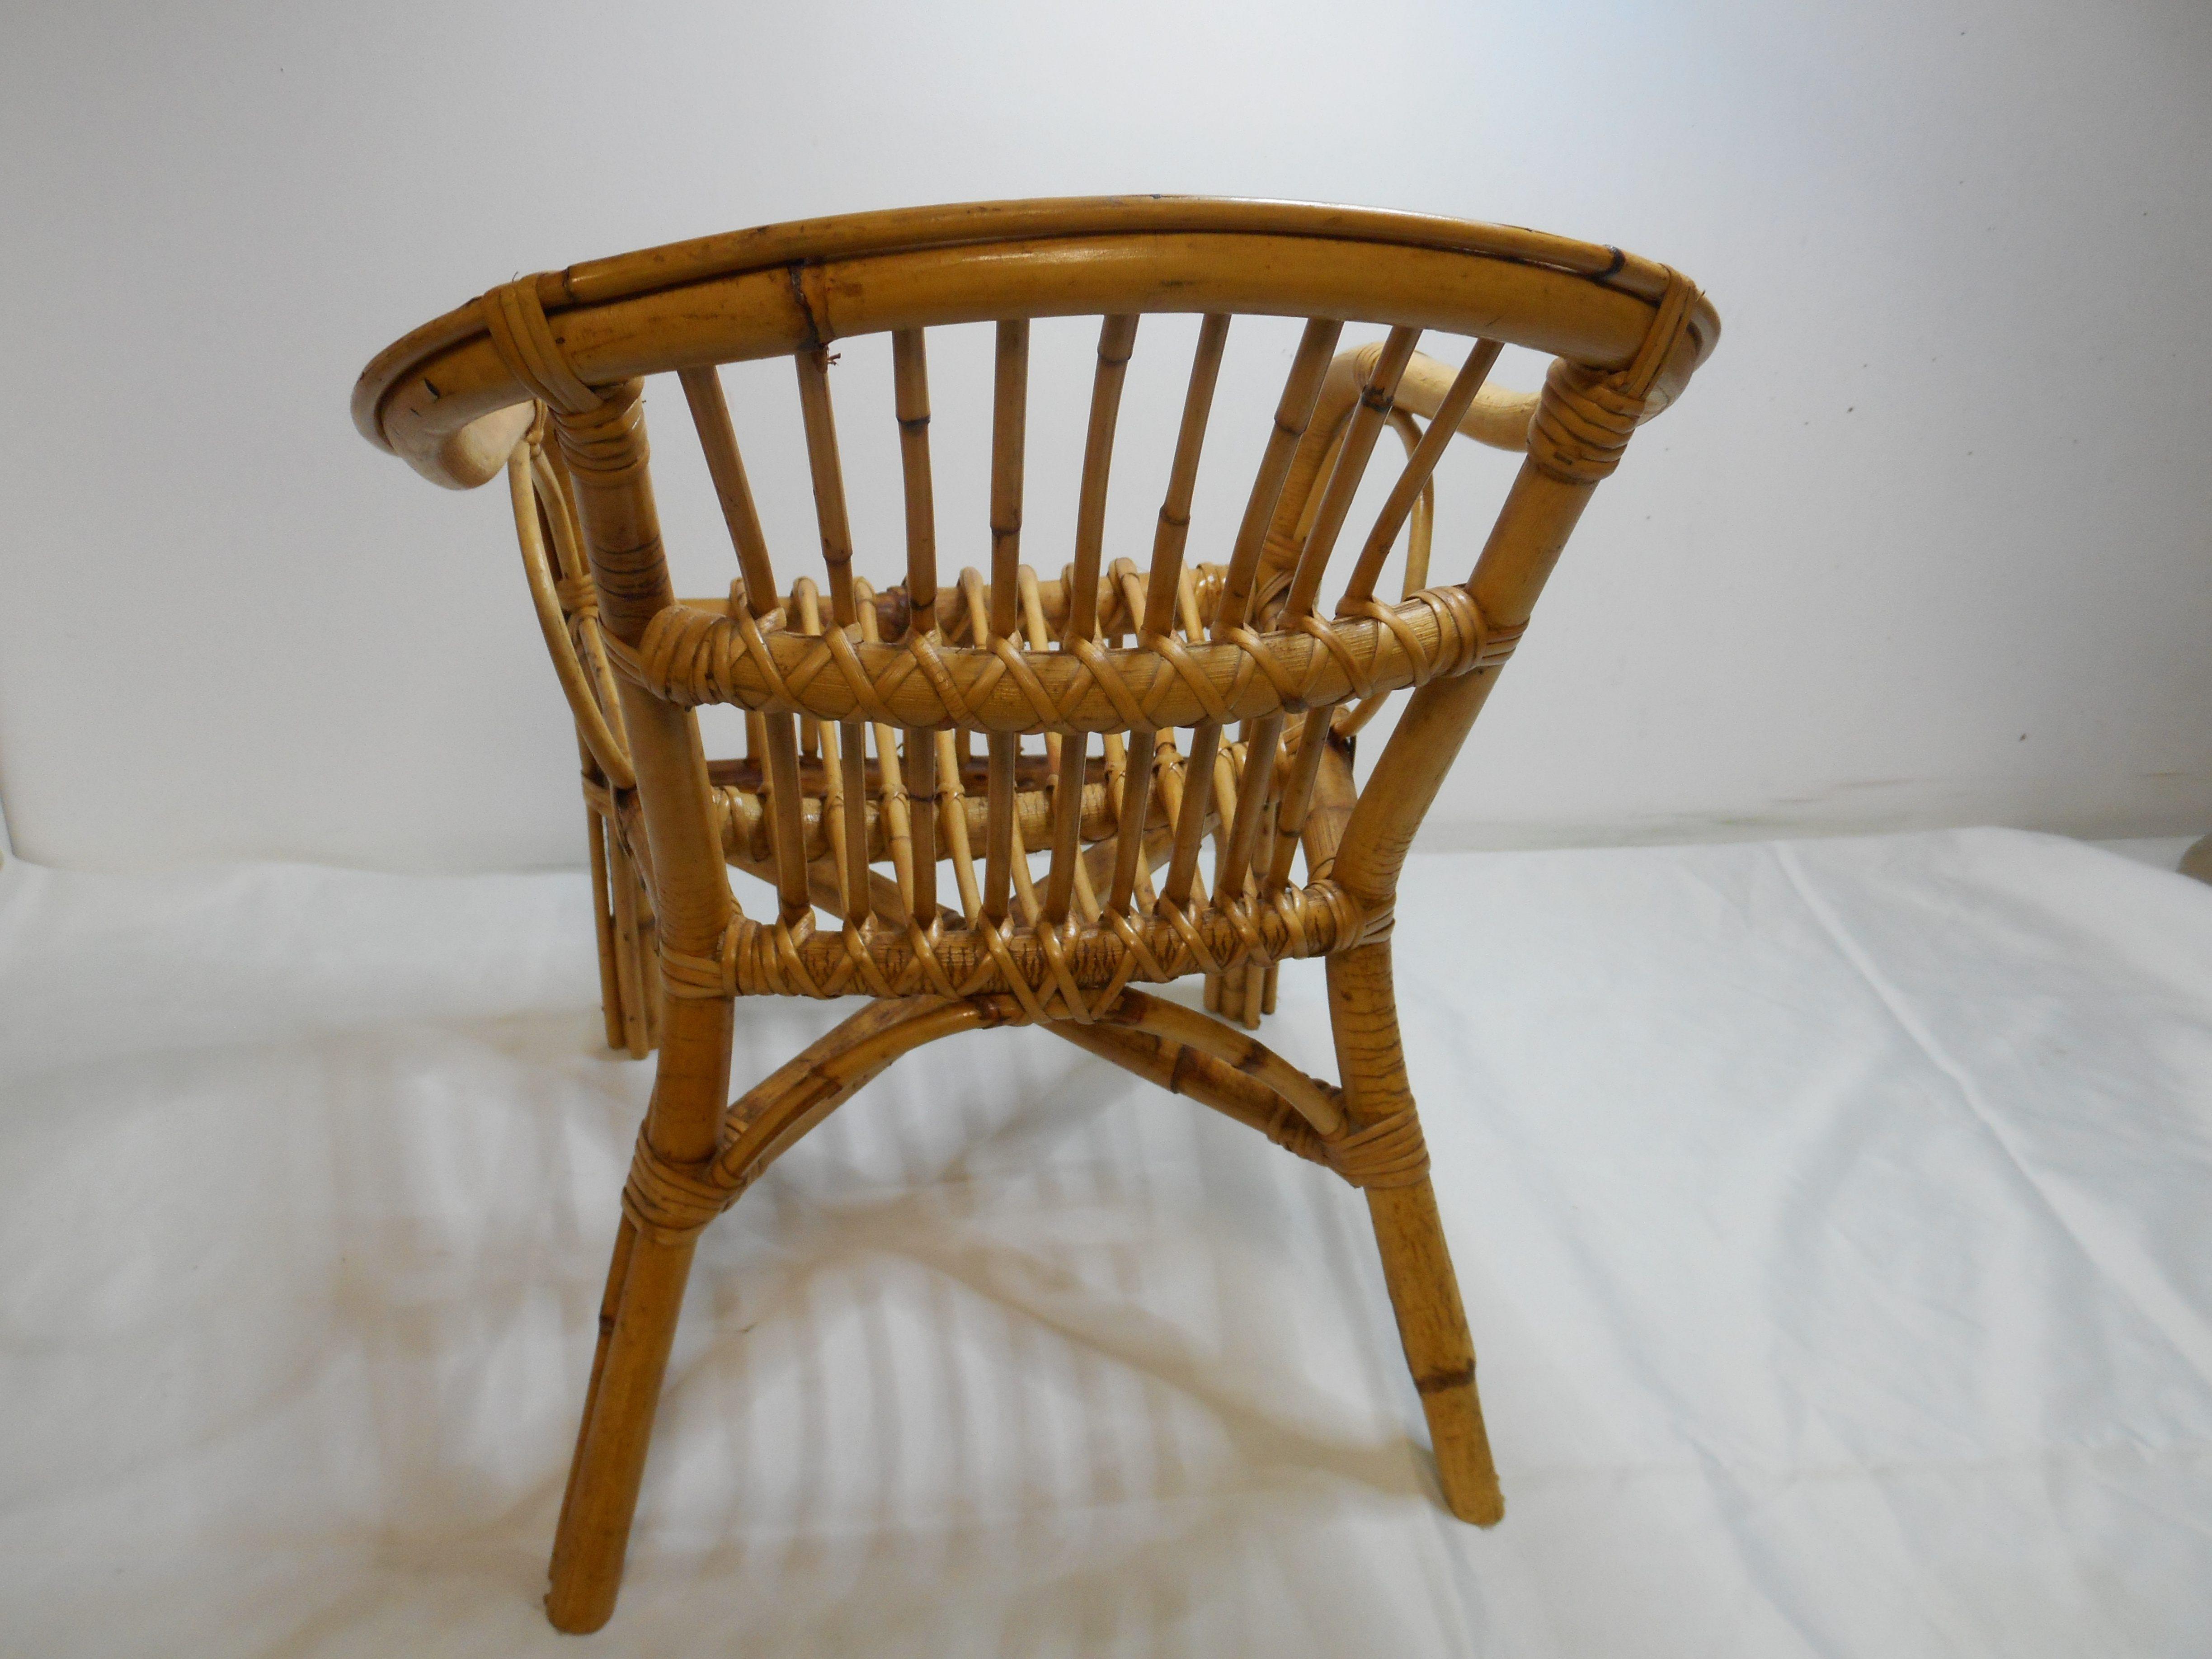 Lit Enfant Rotin Belle Gracieux Fauteuil Osier Enfant Et Chaise Rotin Enfant Chaise Chambre